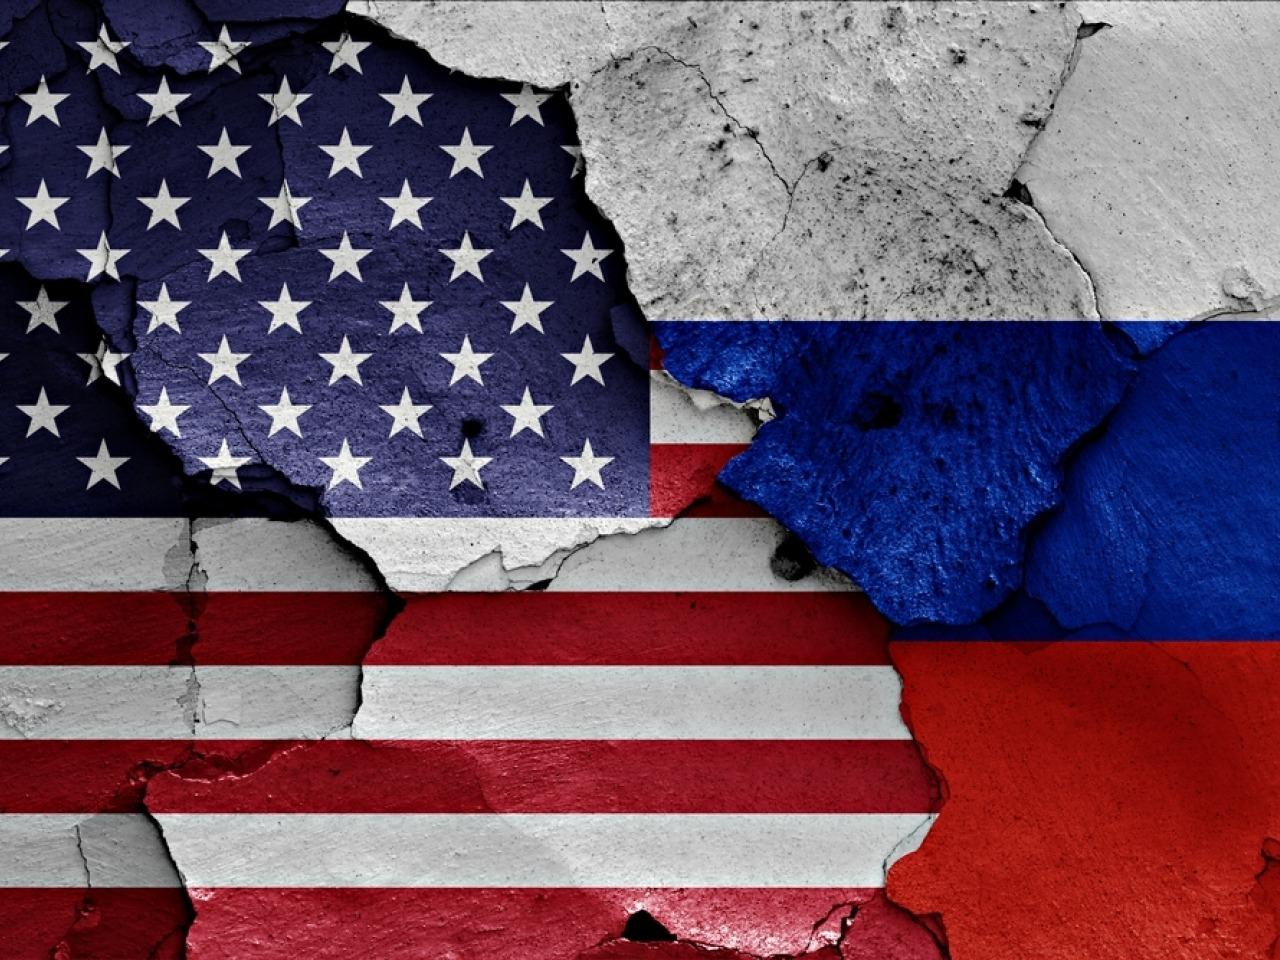 俄羅斯來真的了:西方國家購買原油必須用歐元!美元遭重大威脅?